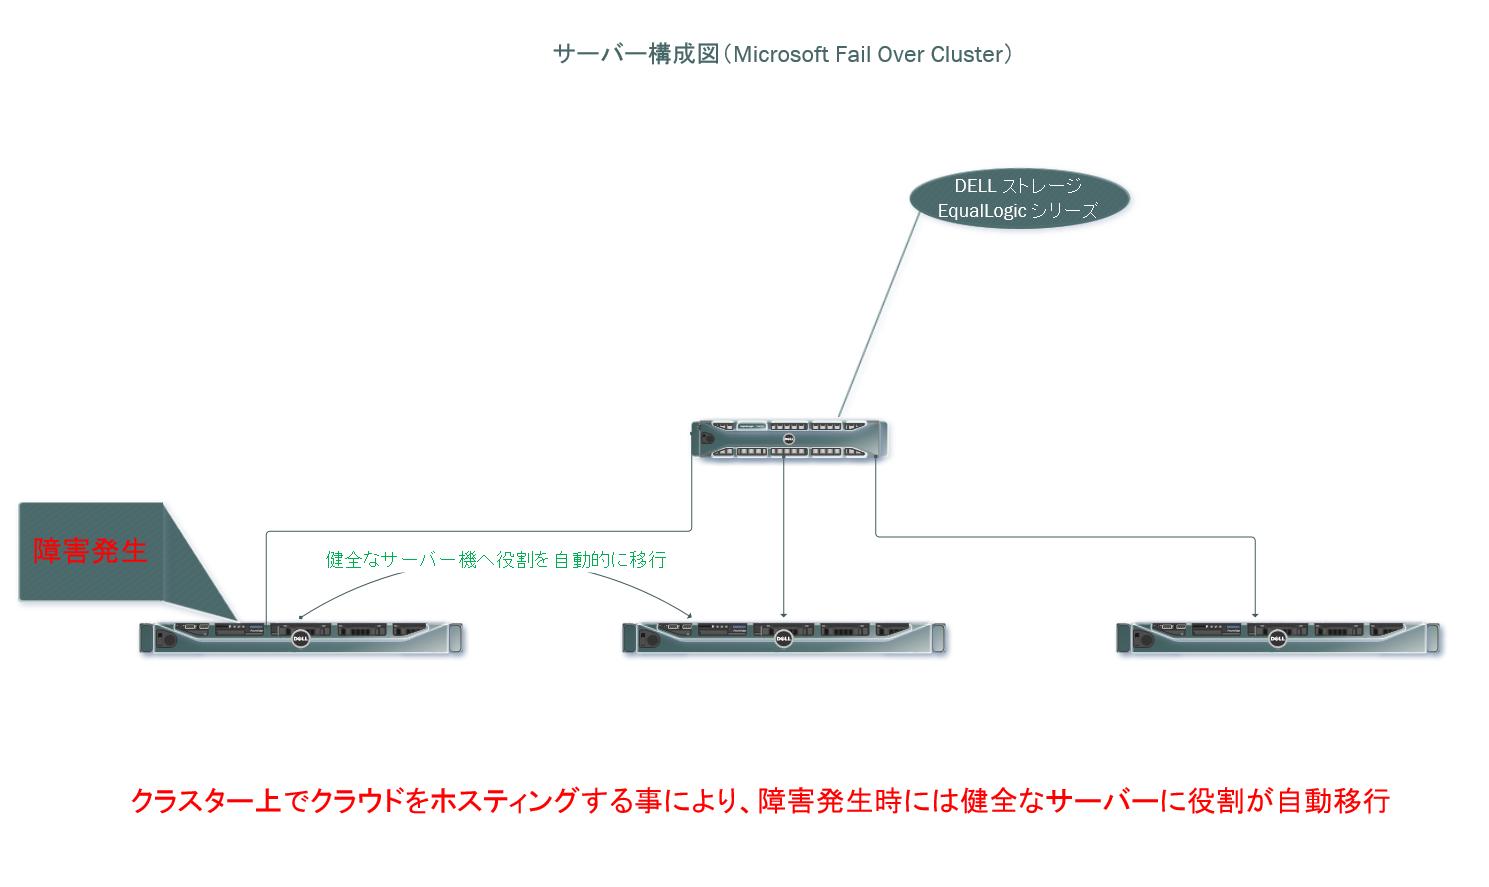 サーバー構成イメージ図.png